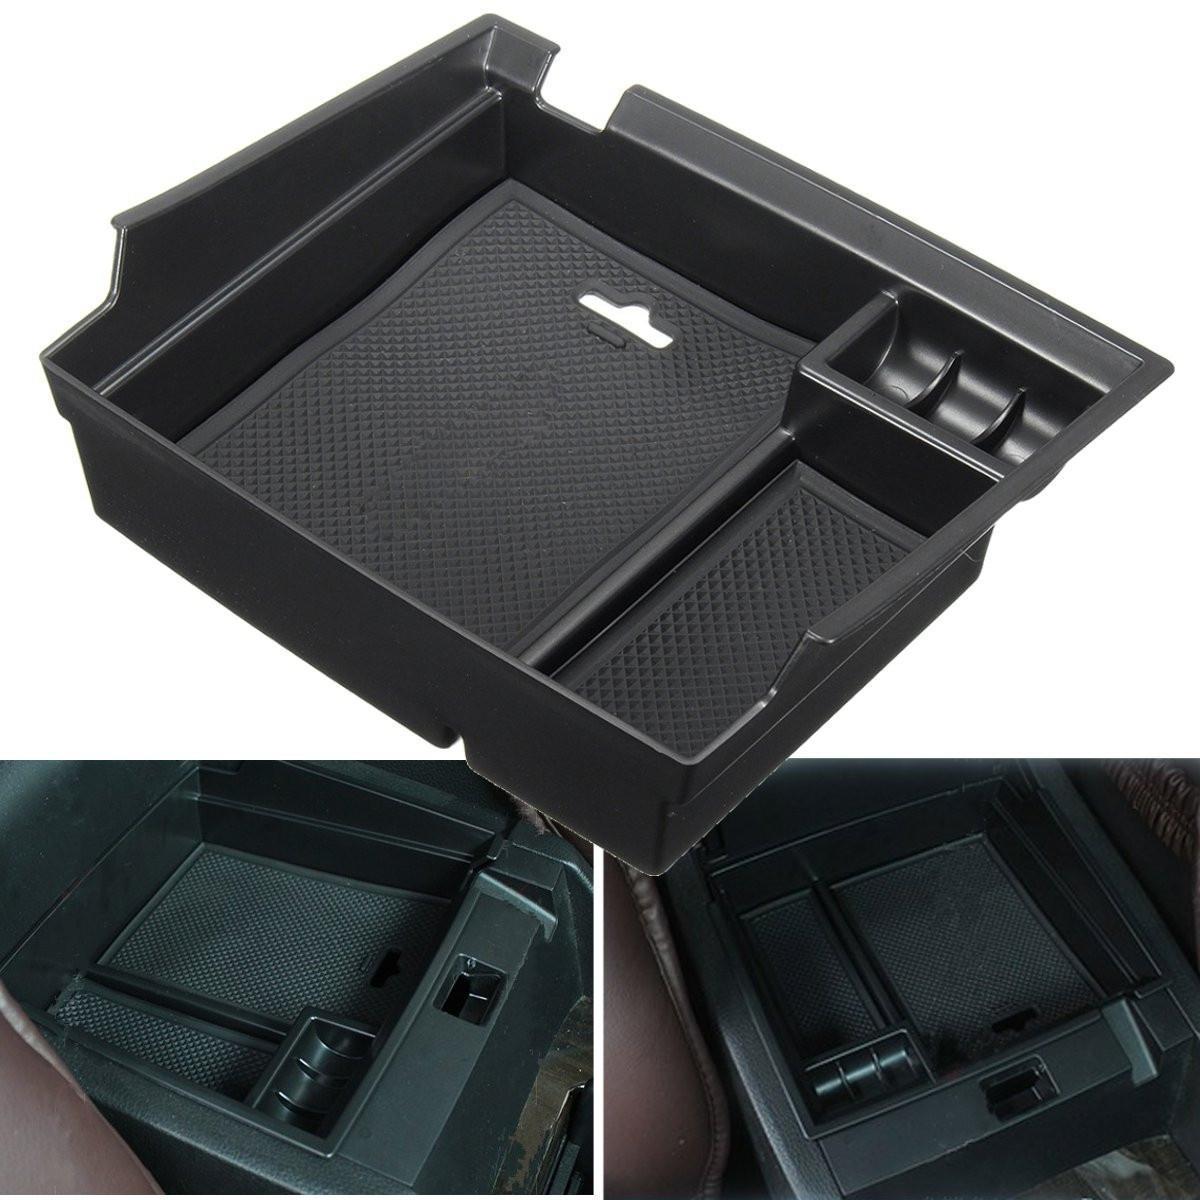 Ящик для хранения центральный подлокотник черный автомобиль Хонда Аккорд 9 10 2013 2014 2015 хонда аккорд 1997 год трамблер